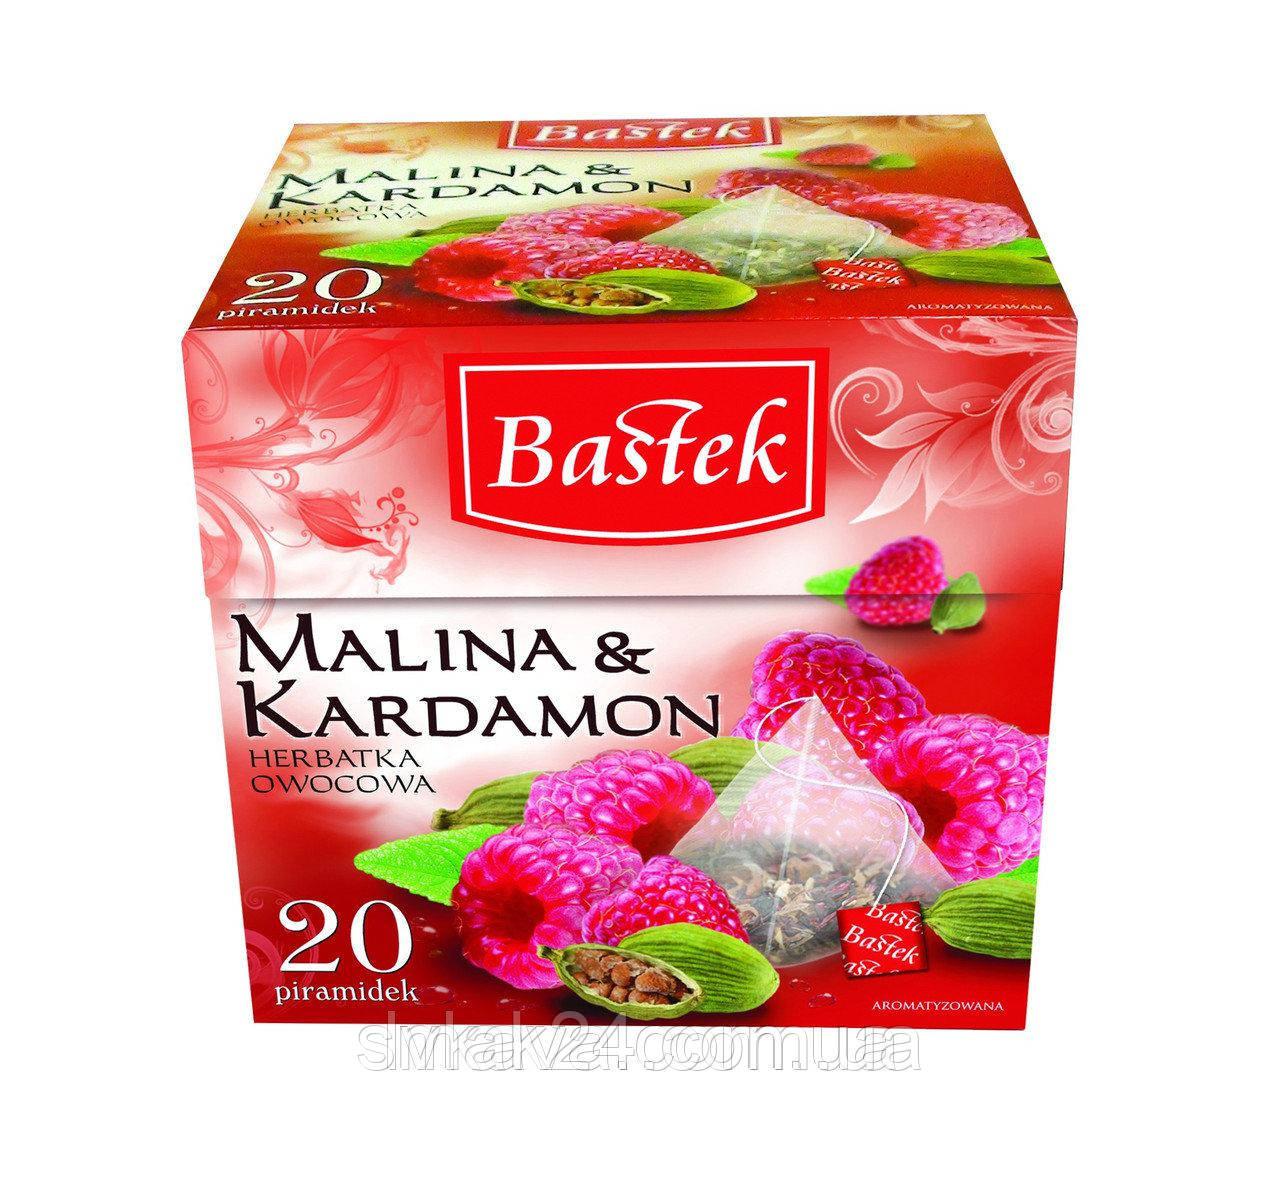 Чай фруктовый Malina & Kardamon Bastek (малина и кардамон)  20 пирам. Польша